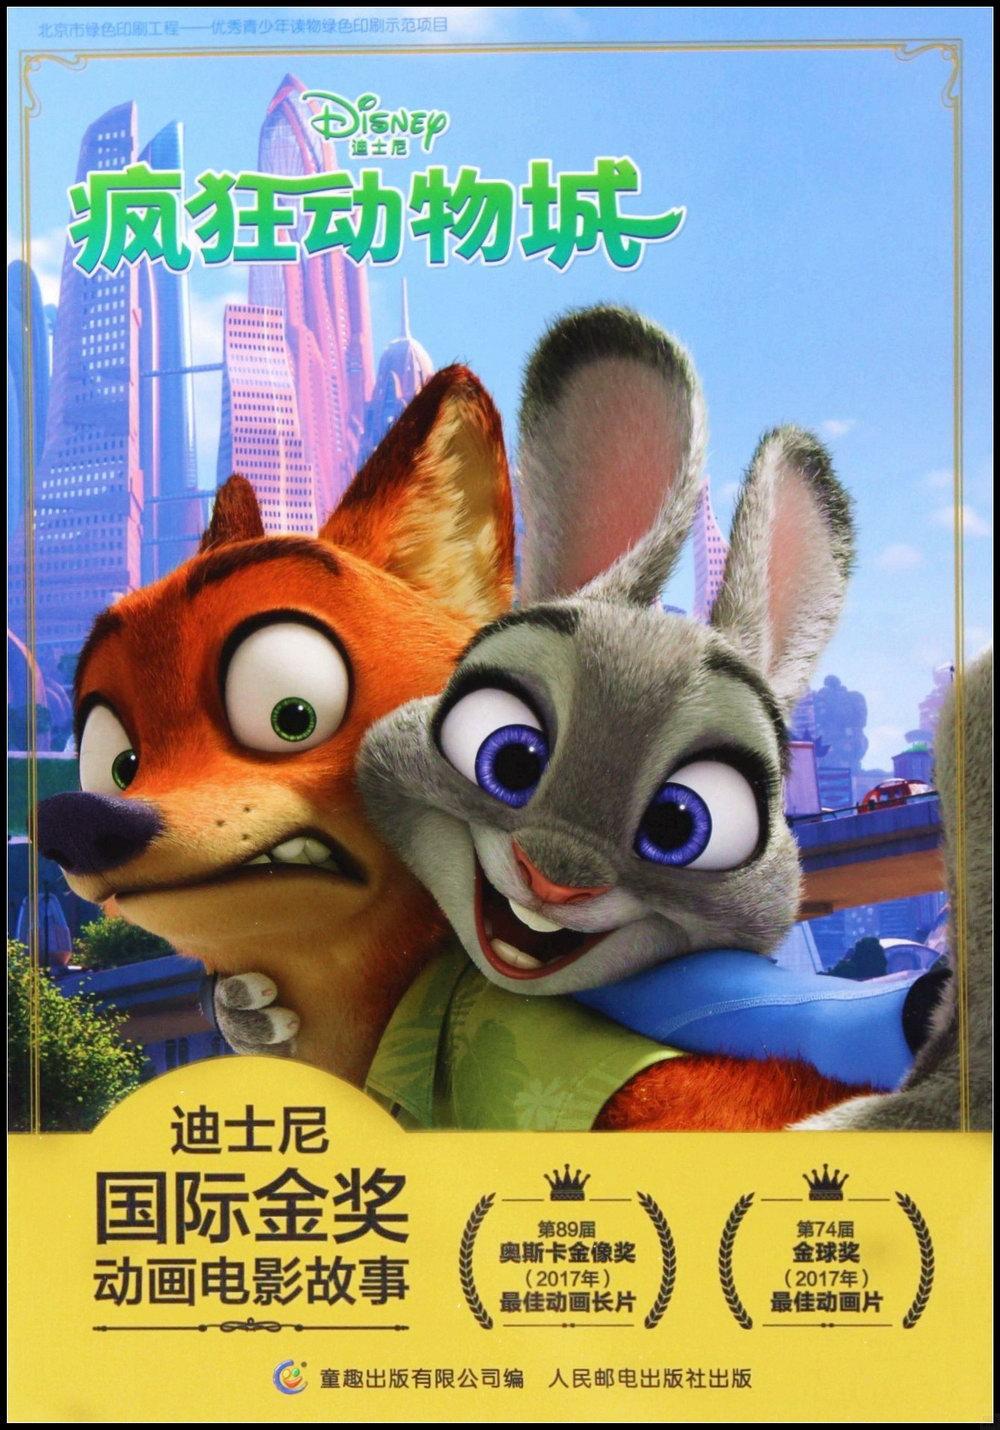 迪士尼國際金獎動畫電影故事:瘋狂動物城